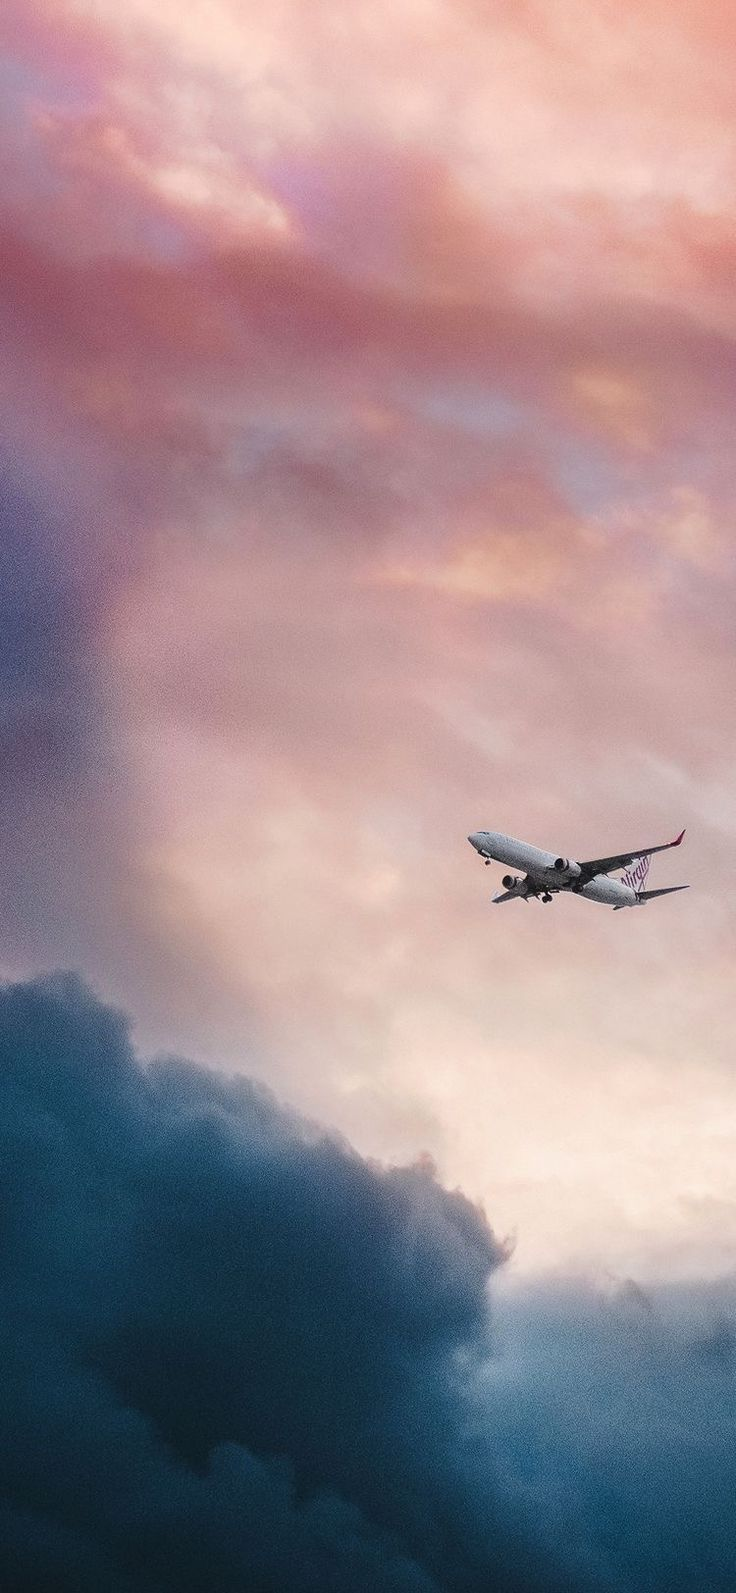 Epingle Par Kelcurieuse Blogueuse Voyage E Sur L Avion Airplaine En 2020 Fond D Ecran Voyage Photos Paysage Fond Ecran Gratuit Paysage